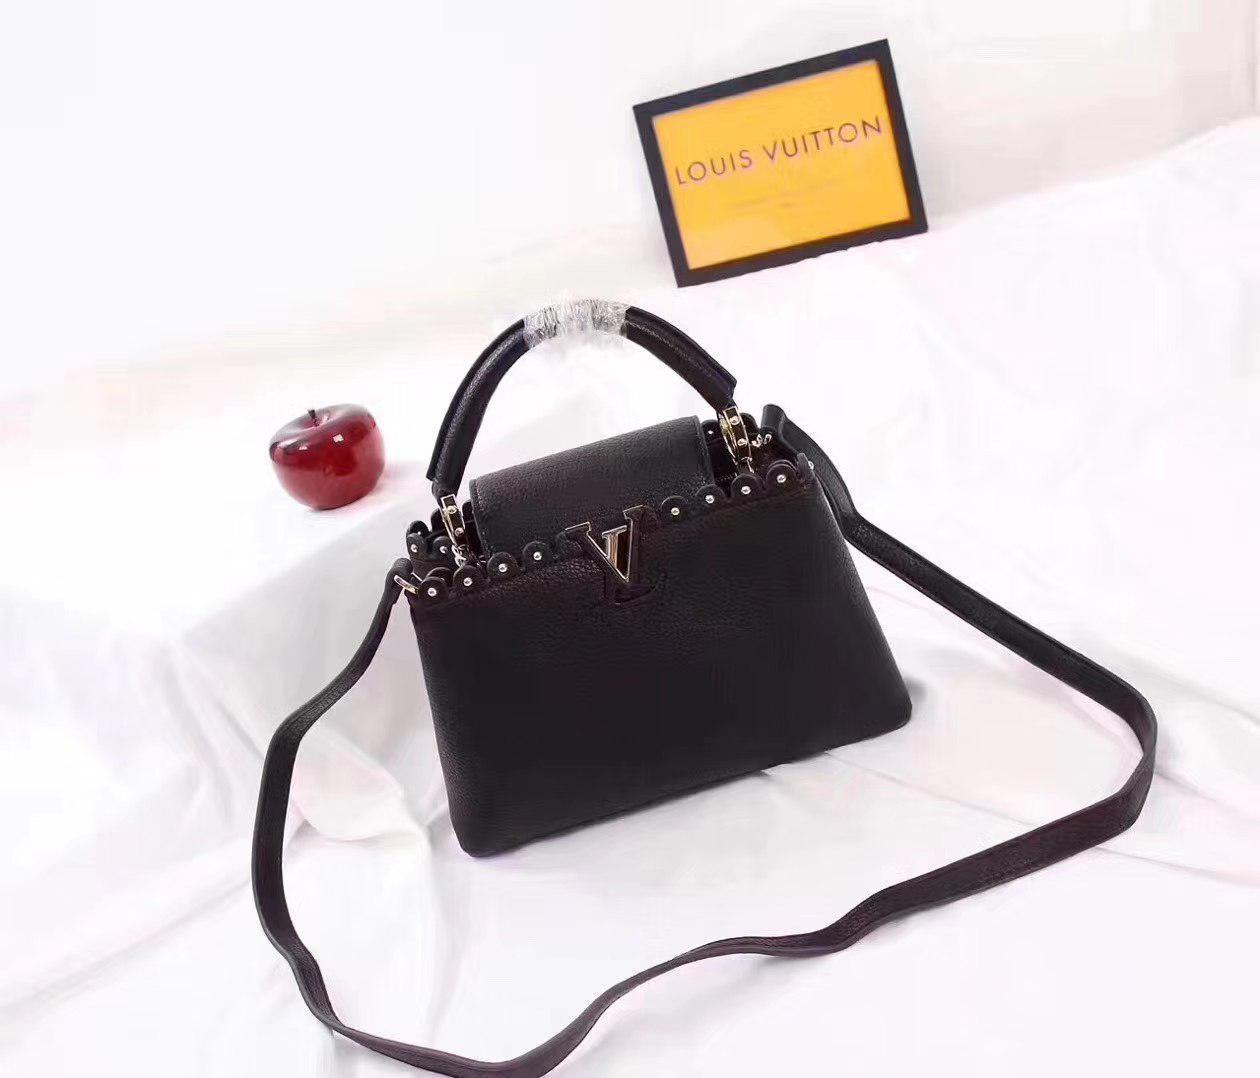 f493b5145d26 Louis Vuitton Capucines Сумка Женская Черная — в Категории